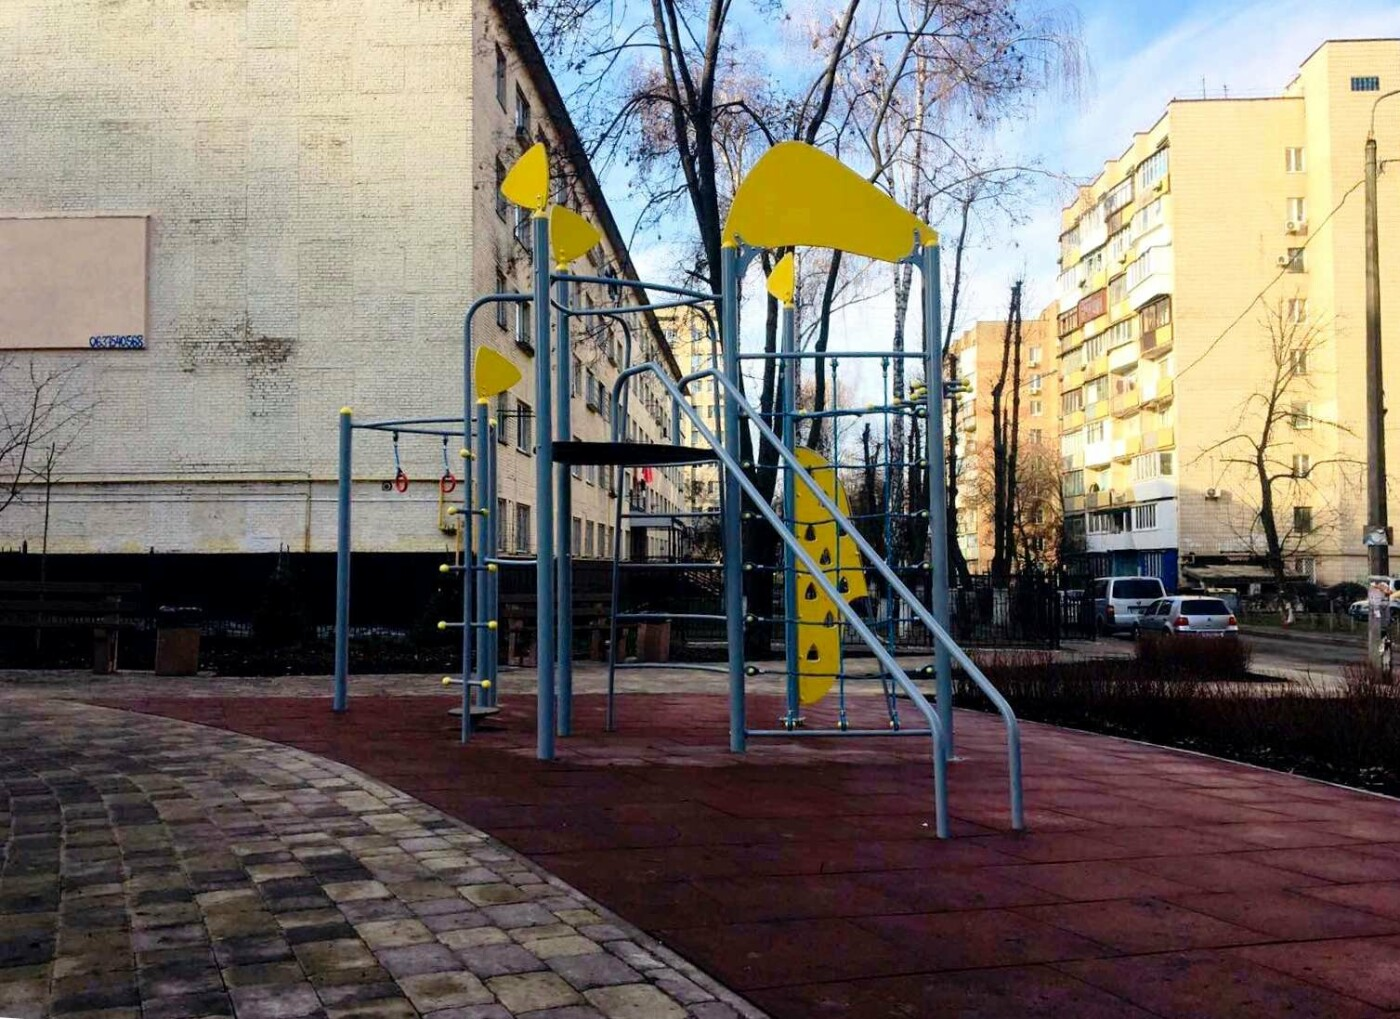 Детская площадка, растения, лавки: как выглядит обновленный сквер на Соломенке, - ФОТО, фото-3